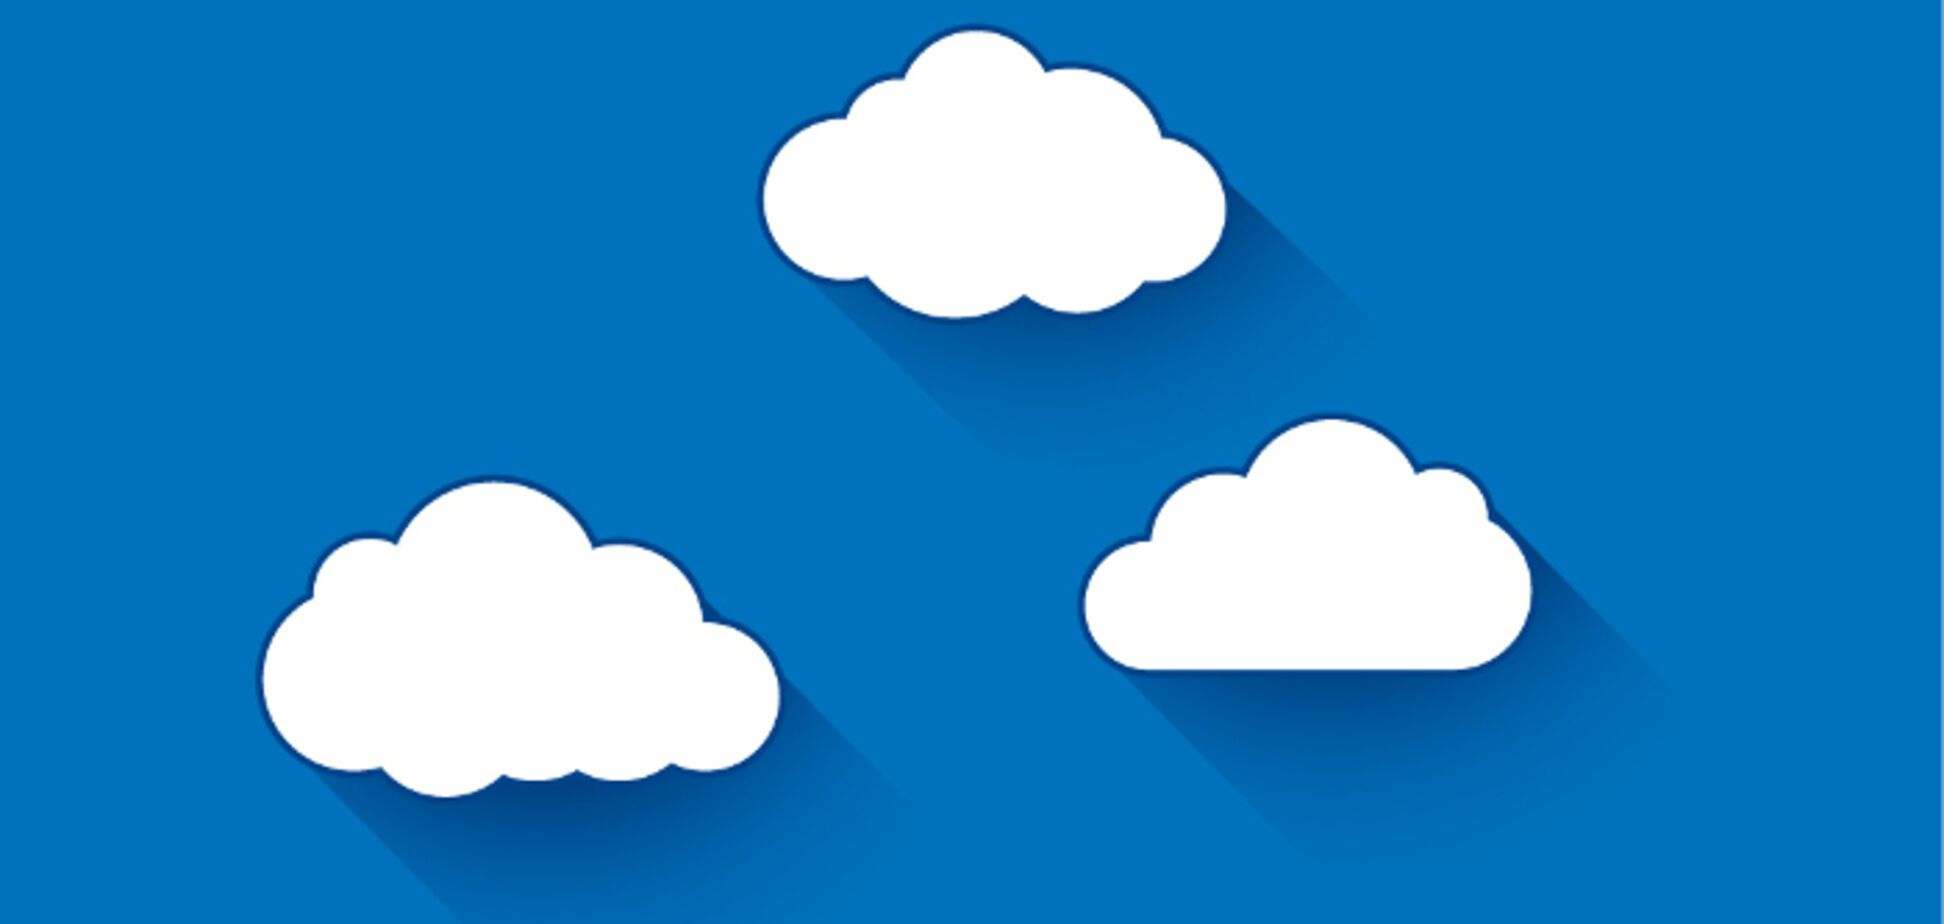 Интернет вещей и облачные PaaS-сервисы